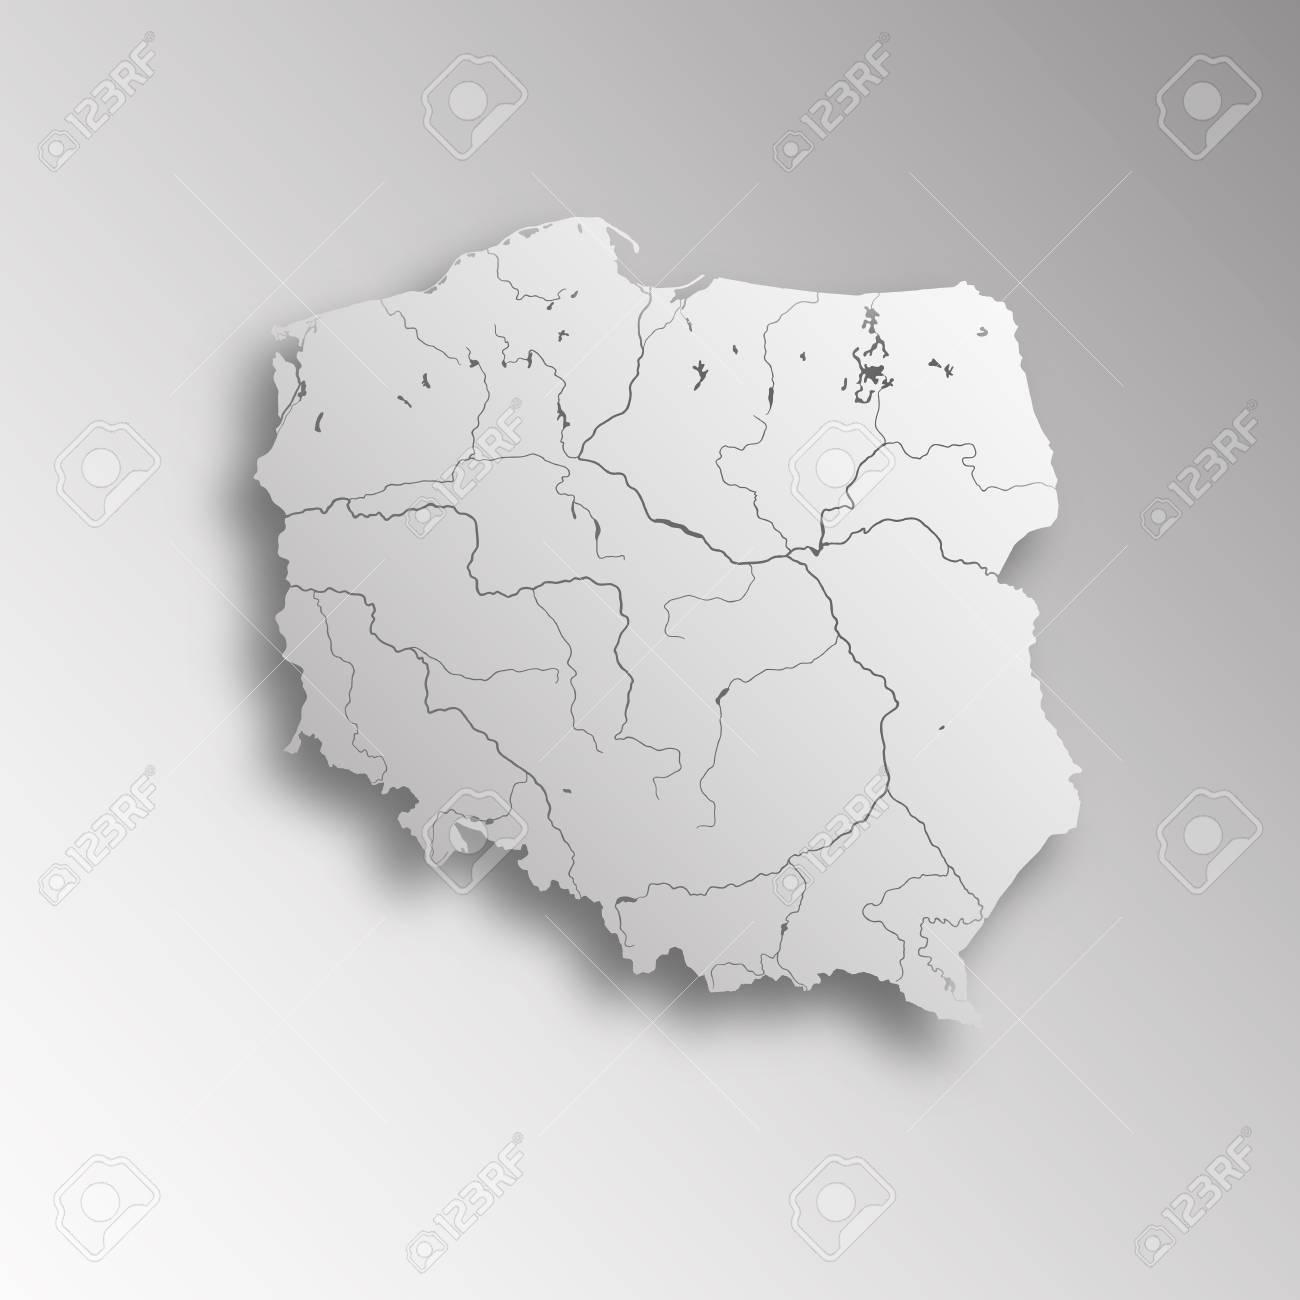 Sehr Detaillierte Karte Von Polen Mit Papier Schneiden Wirkung